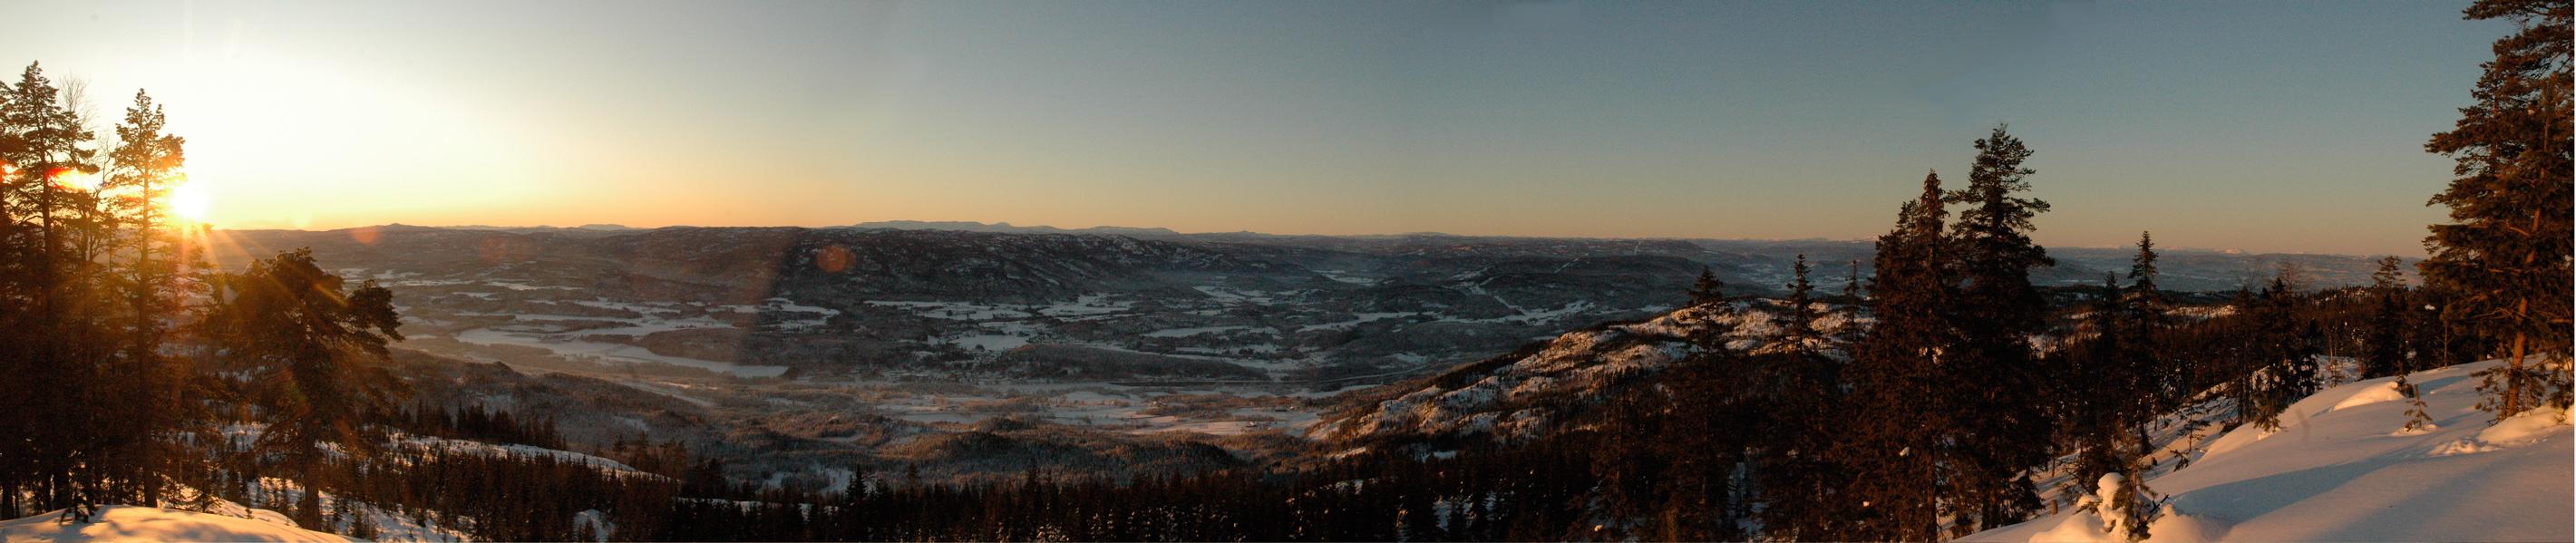 Fra Snaukollen ser du bygdene langs Drammenselva øverst i Eiker og syd i Modum.  I horisonten rekker av snødekte fjell som lyser rosa i solnedgangen.